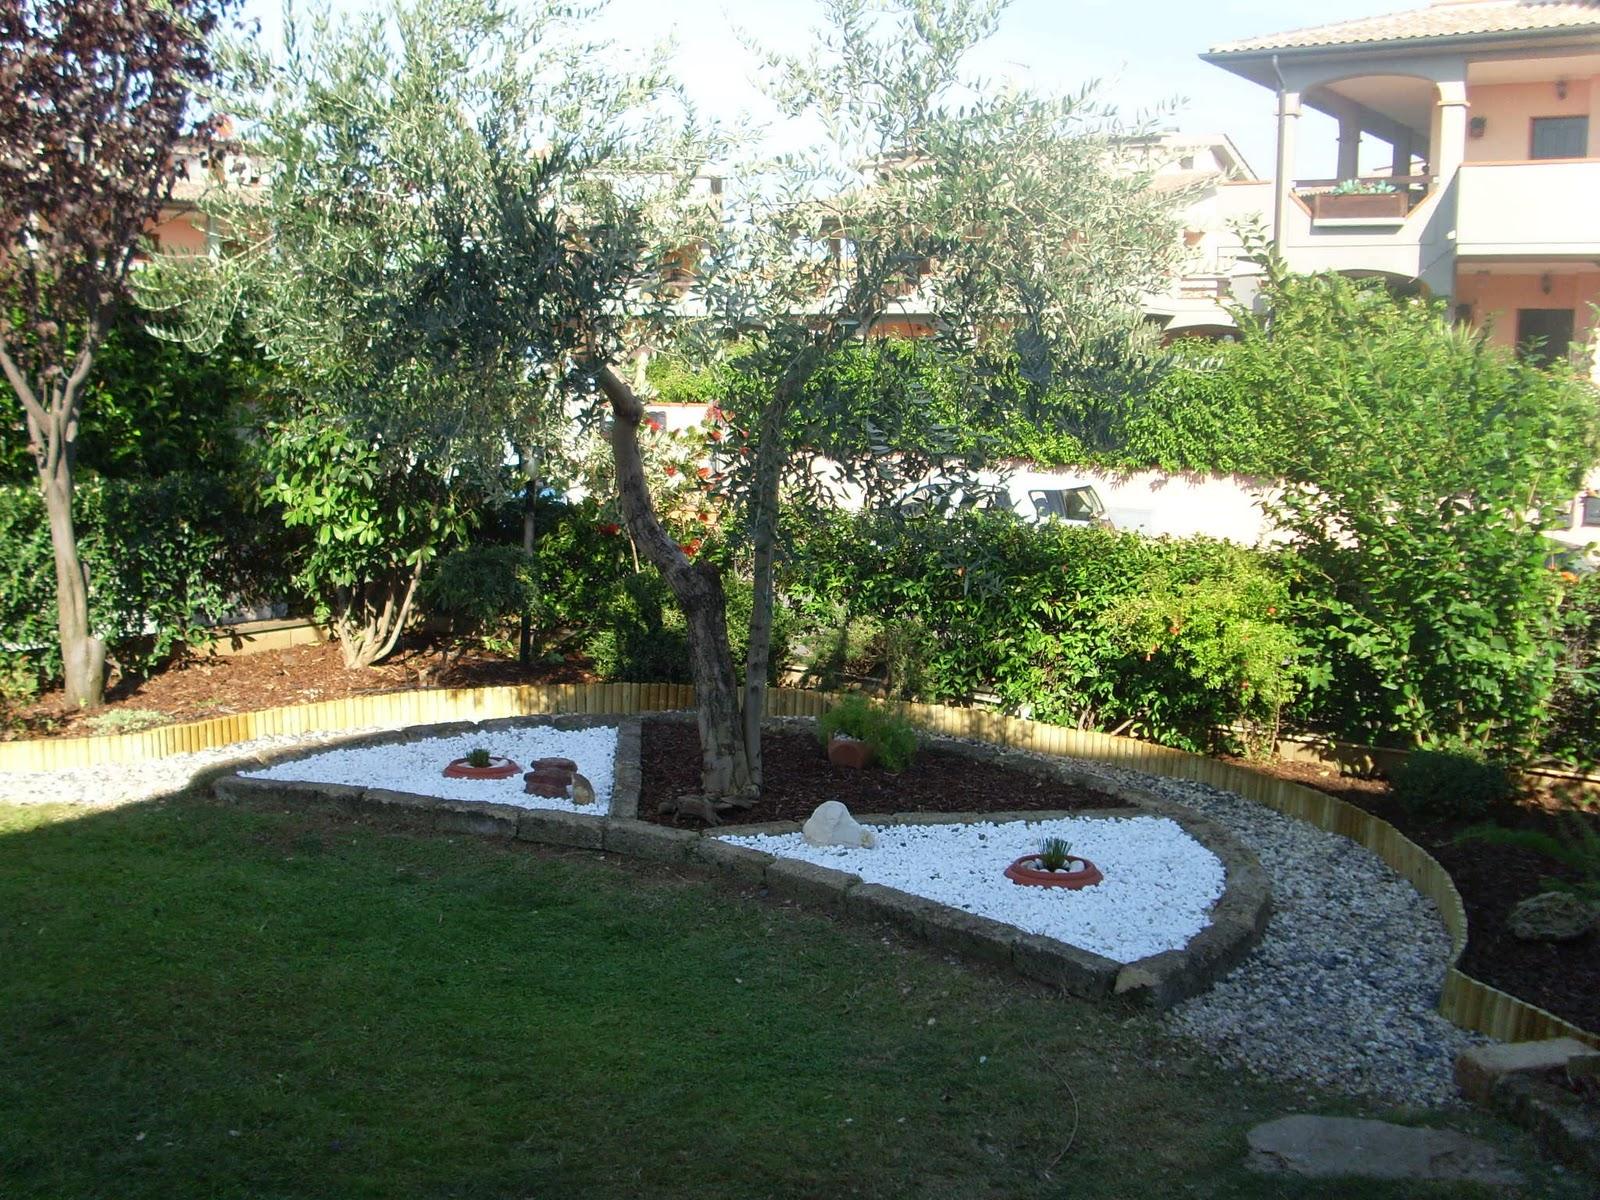 I giardini di carlo e letizia giardino di michela e for Bordi per aiuole fai da te